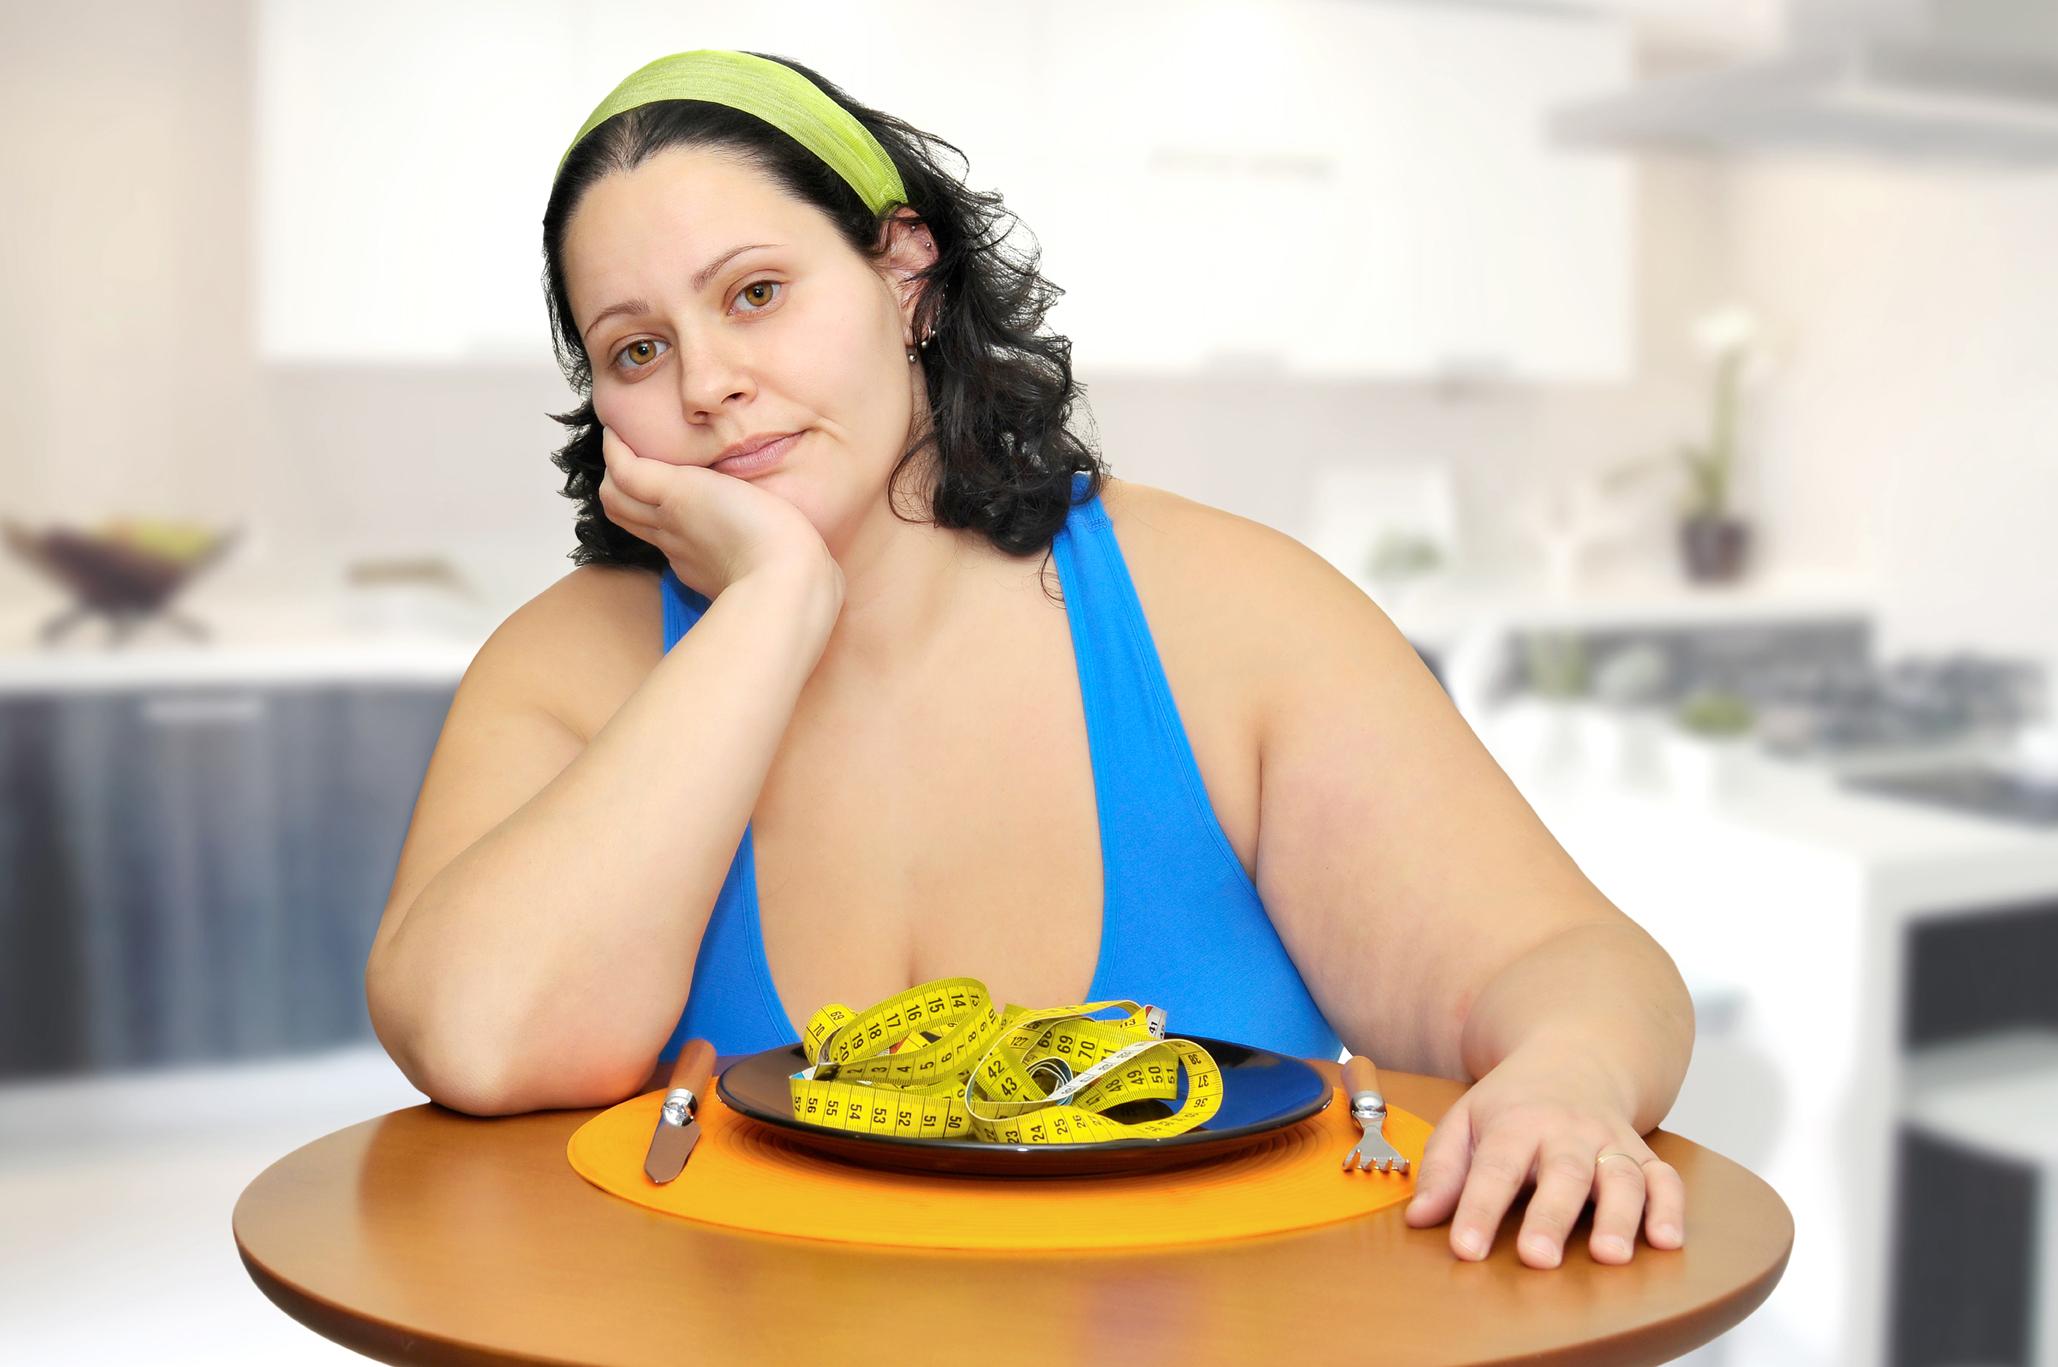 Nhịn ăn không phải là biện pháp giảm cân đúng đắn